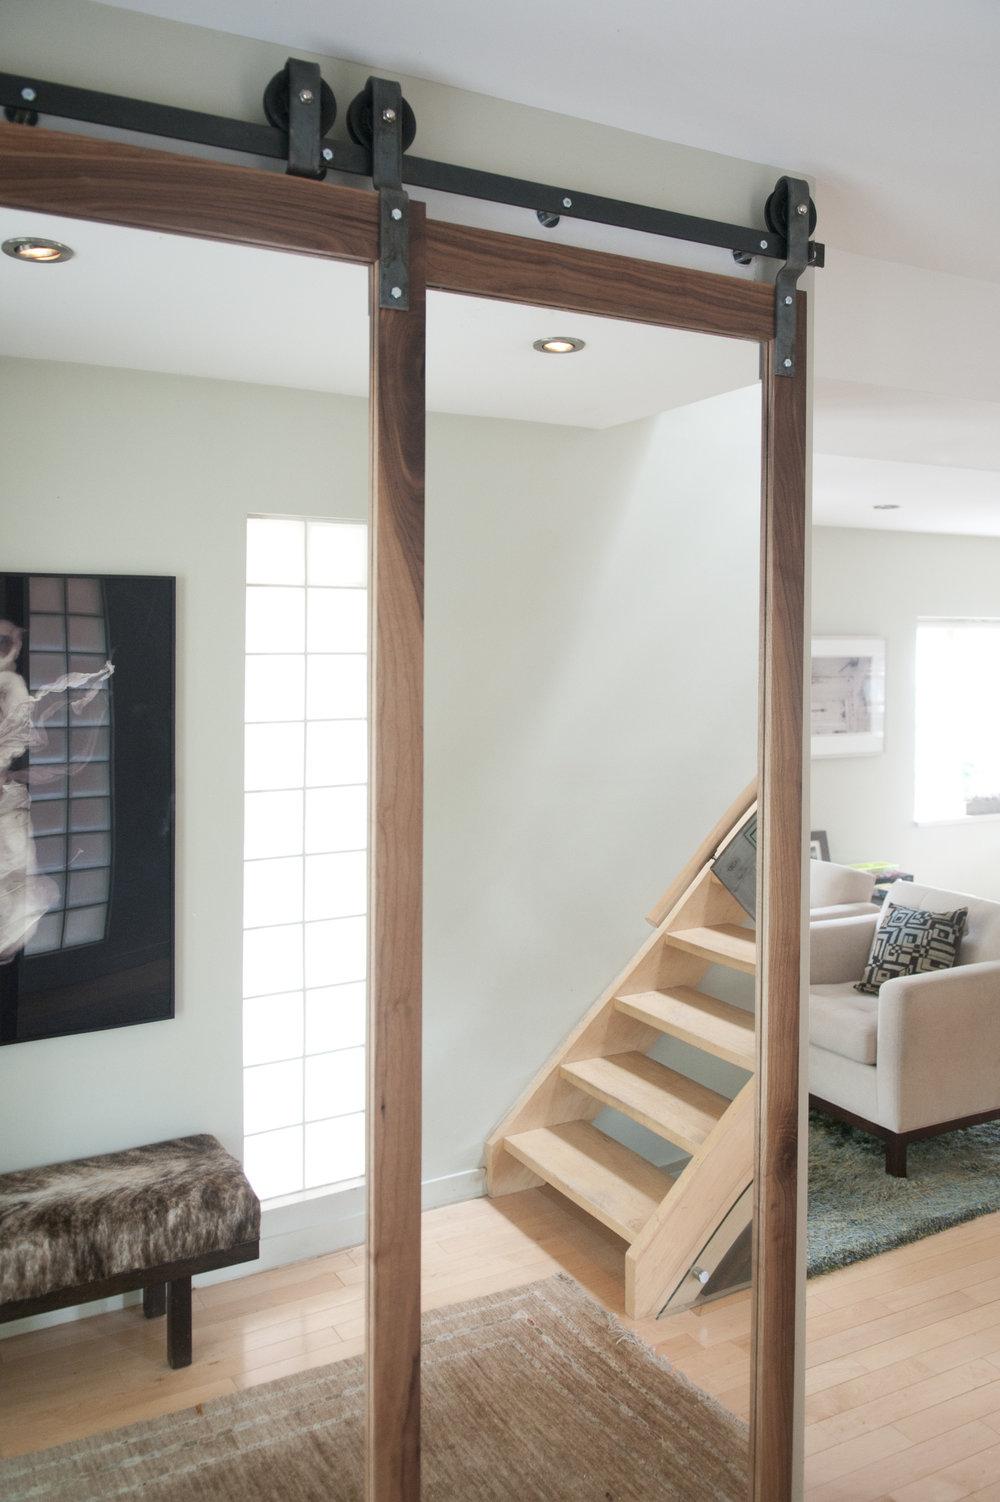 Panel mirror doors